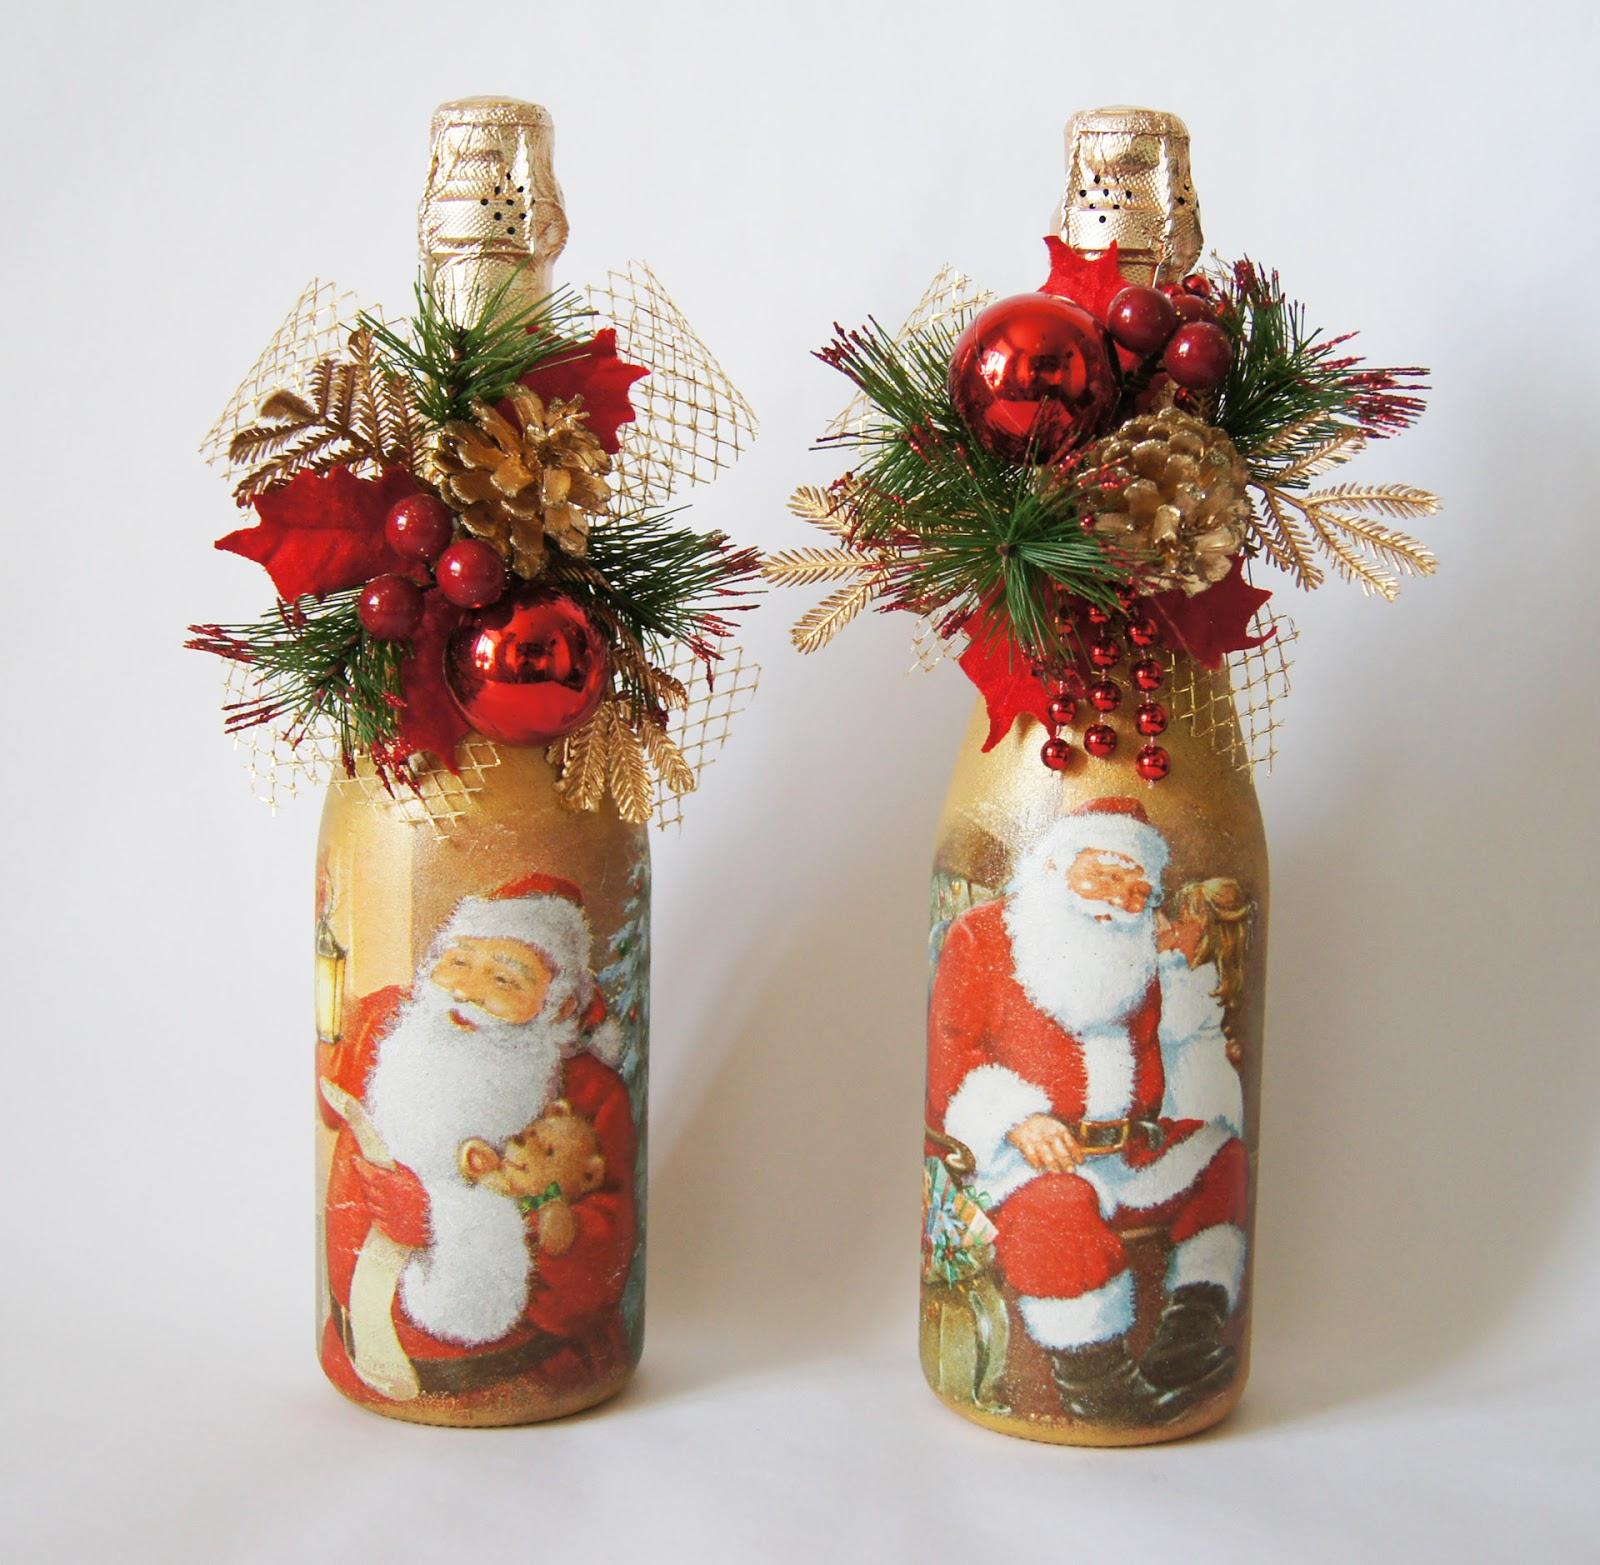 Оформление бутылки на новый год своими руками фото